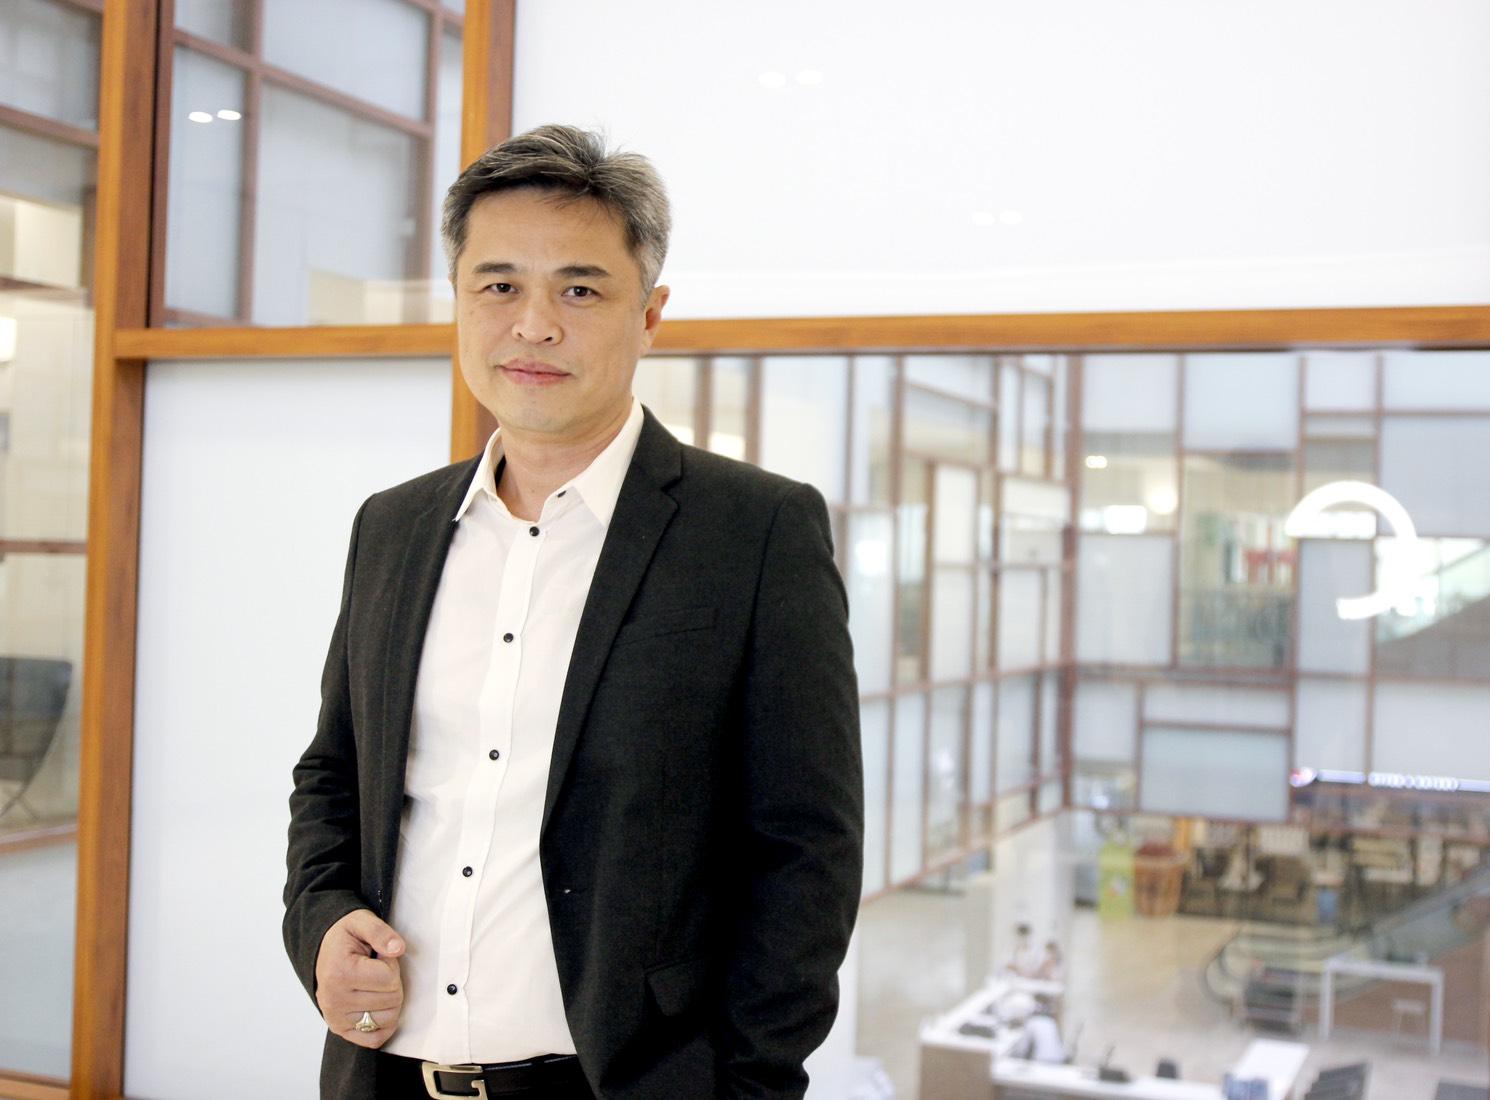 นายธานี มณีนุตร์ ผู้ช่วยกรรมการผู้จัดการด้านพัฒนาธุรกิจ บริษัท พริ้นซิเพิล แคปิตอล จำกัด(มหาชน) หรือ PRINC